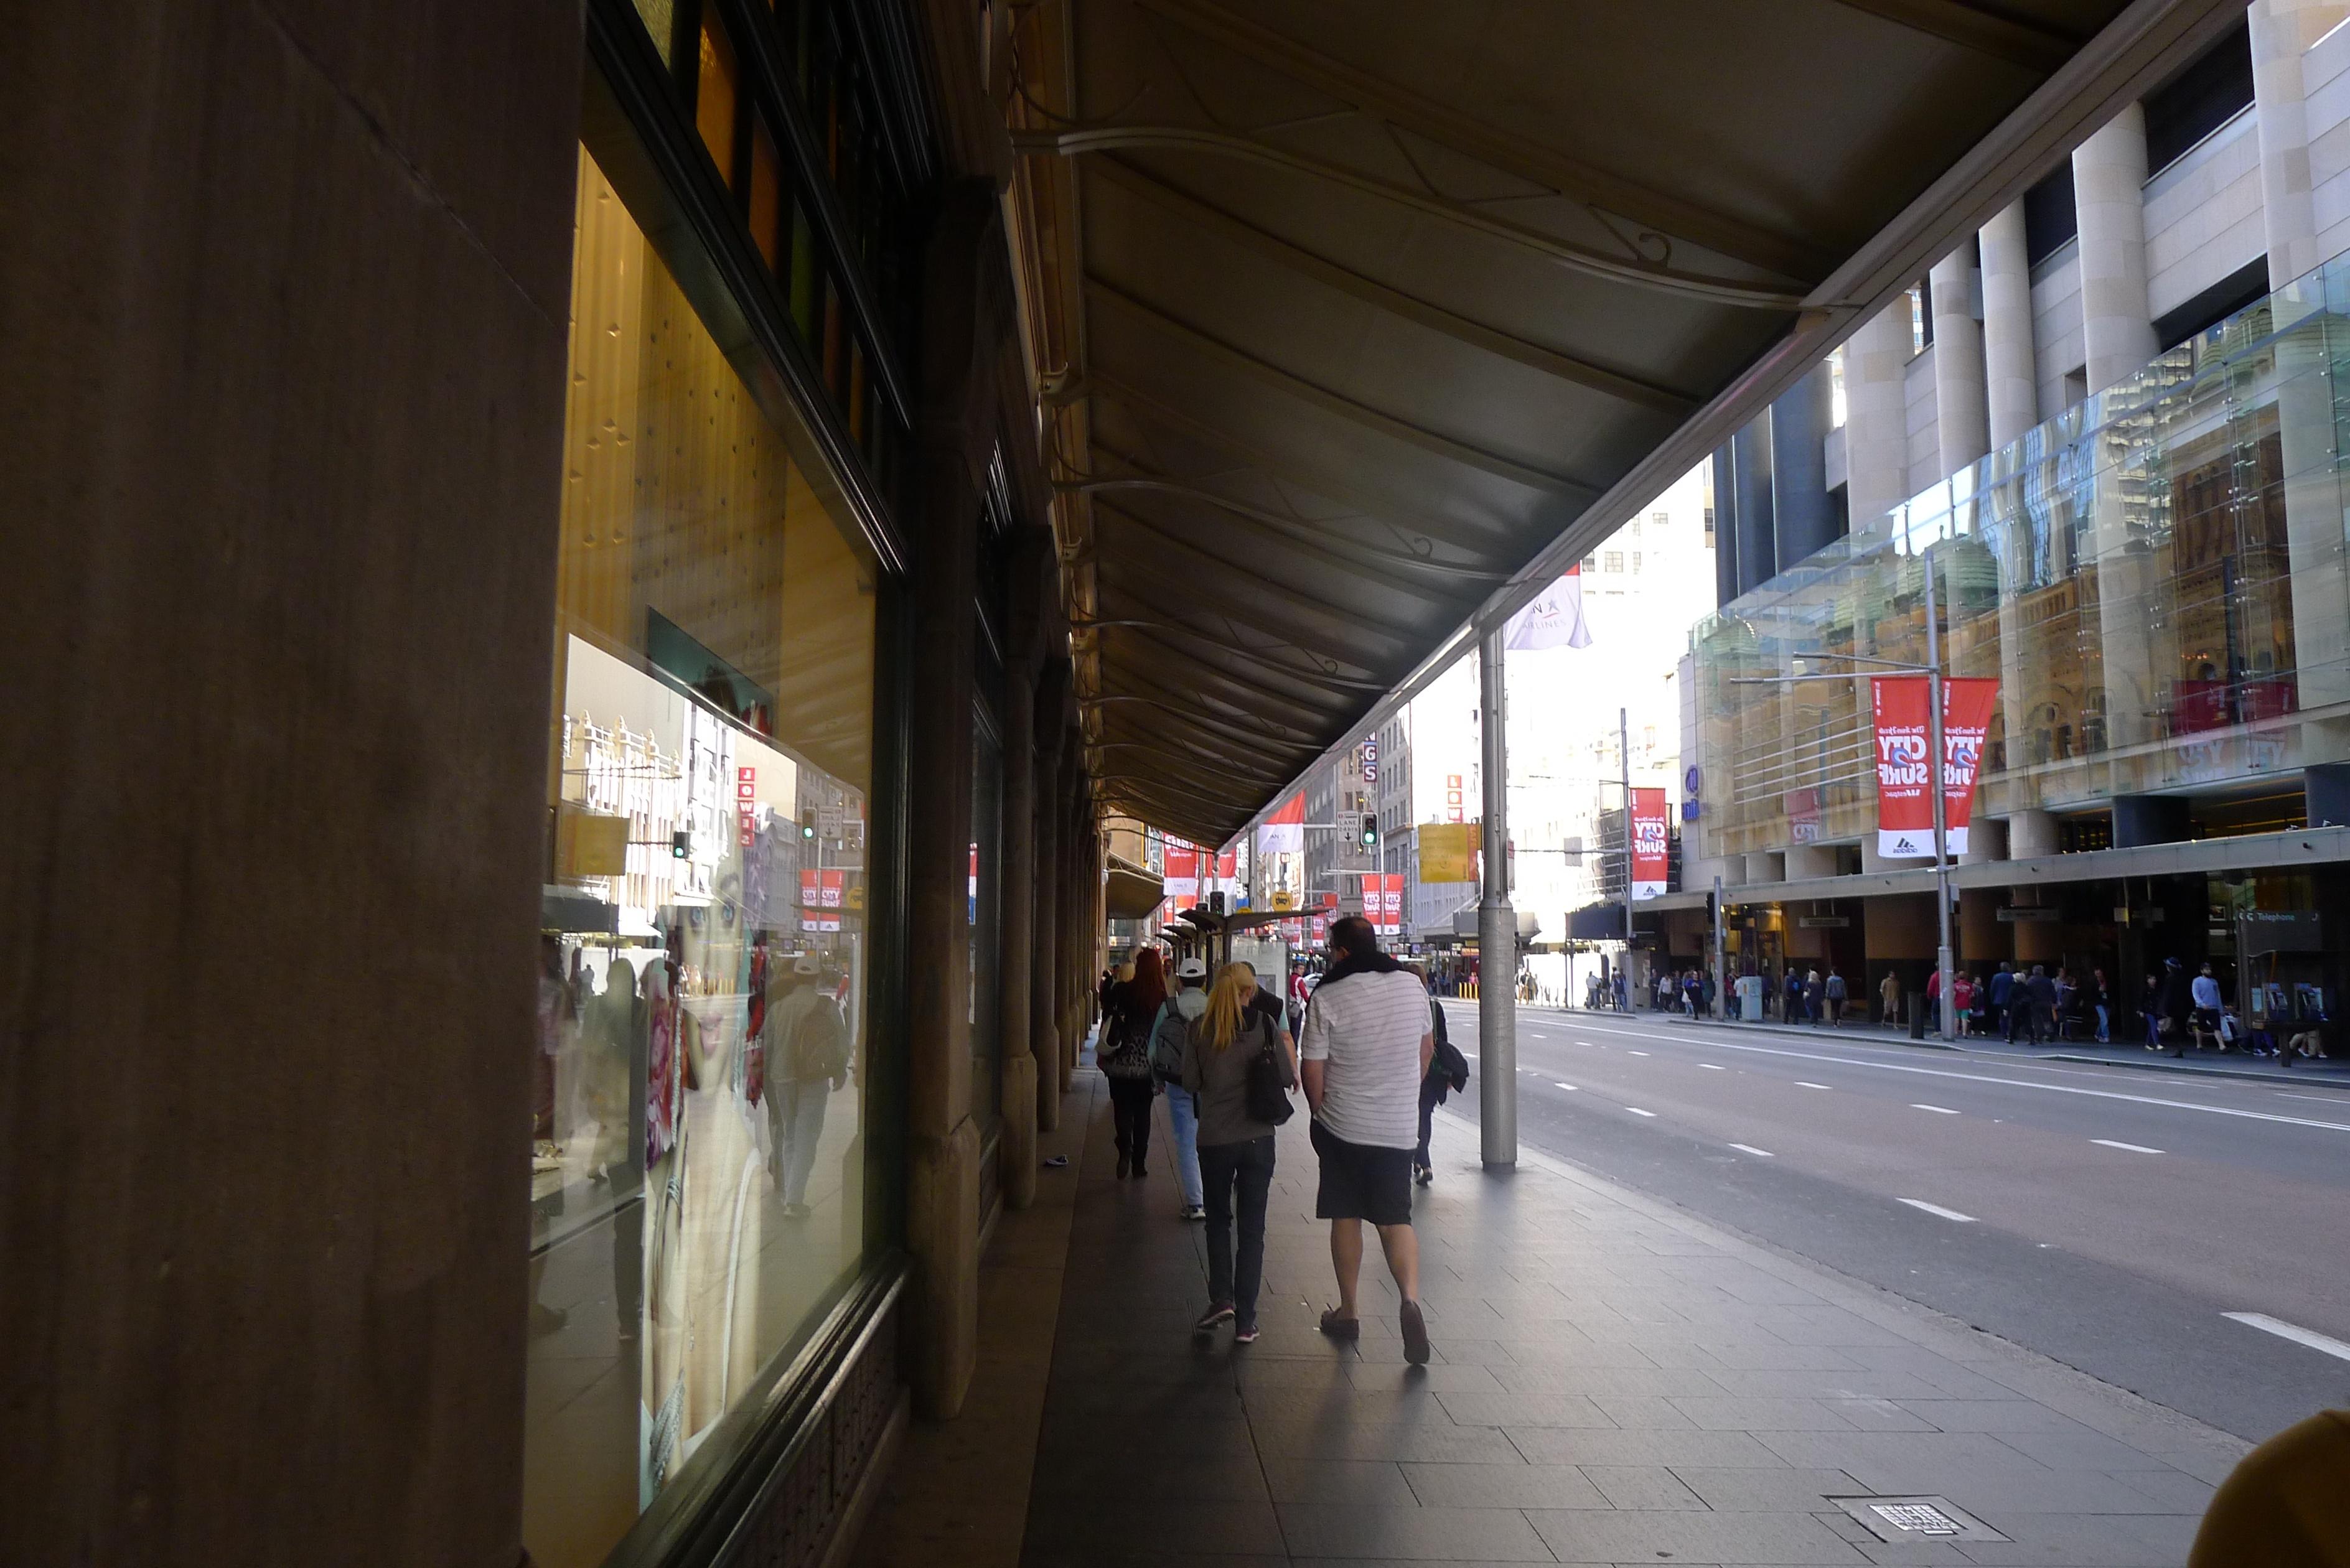 Sydney Pedestrians